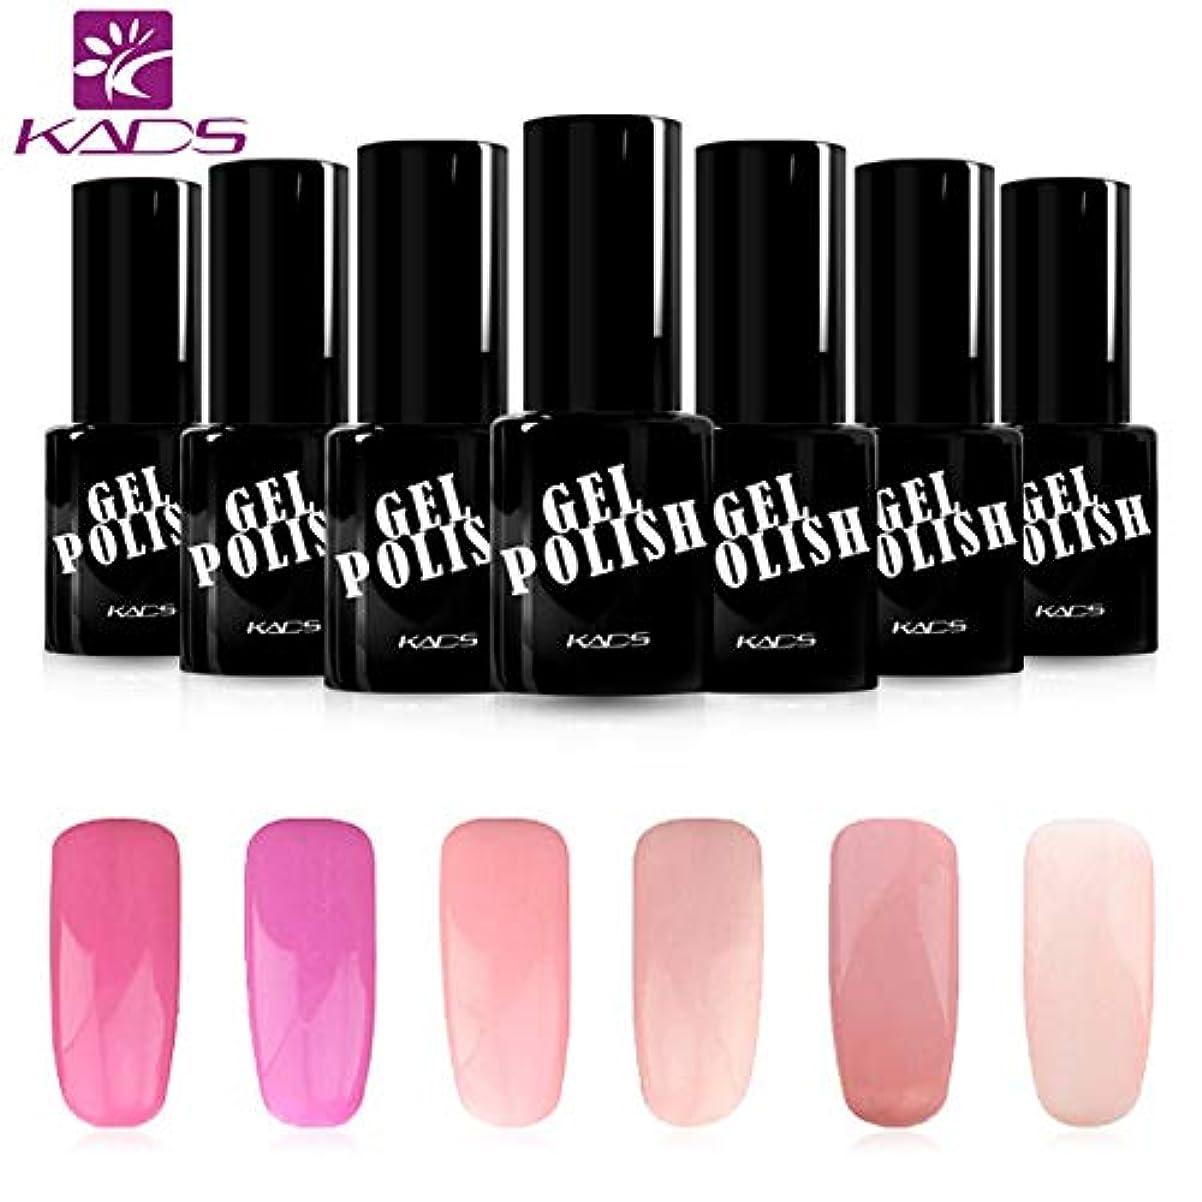 レビュー非公式旋律的KADS ジェルネイルカラーポリッシュ 6ボトルセット 桜の系 ピンク/パープル UV/LED対応 ピンク/パープル系 マニキュアセット (セット1)